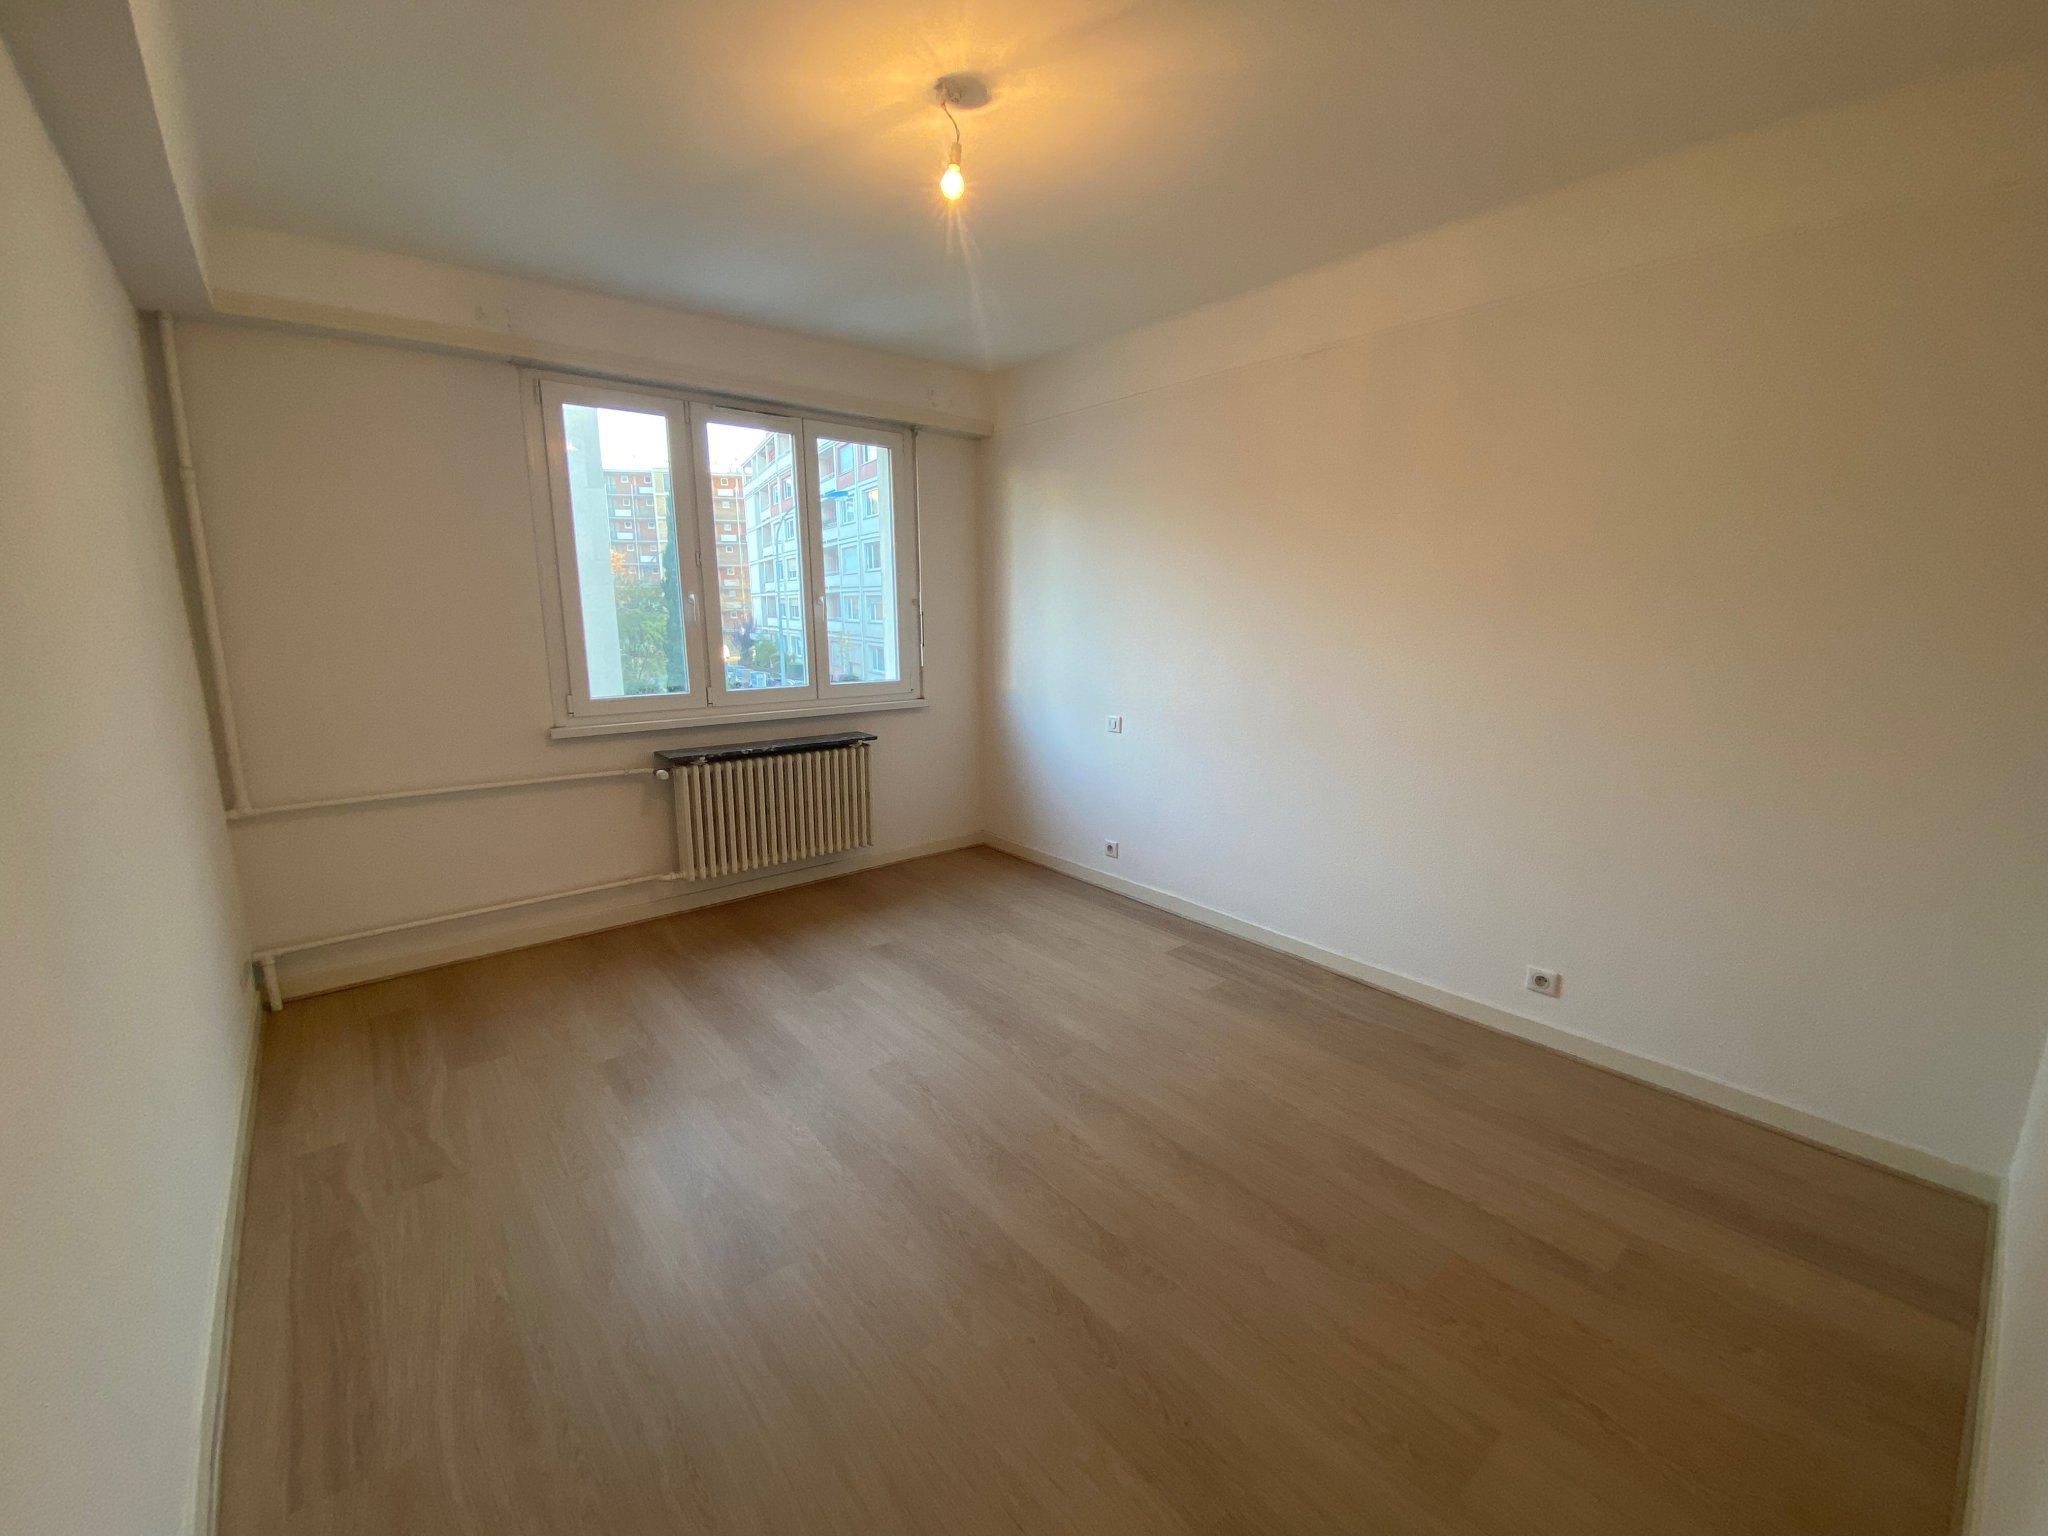 Appartement - Strasbourg